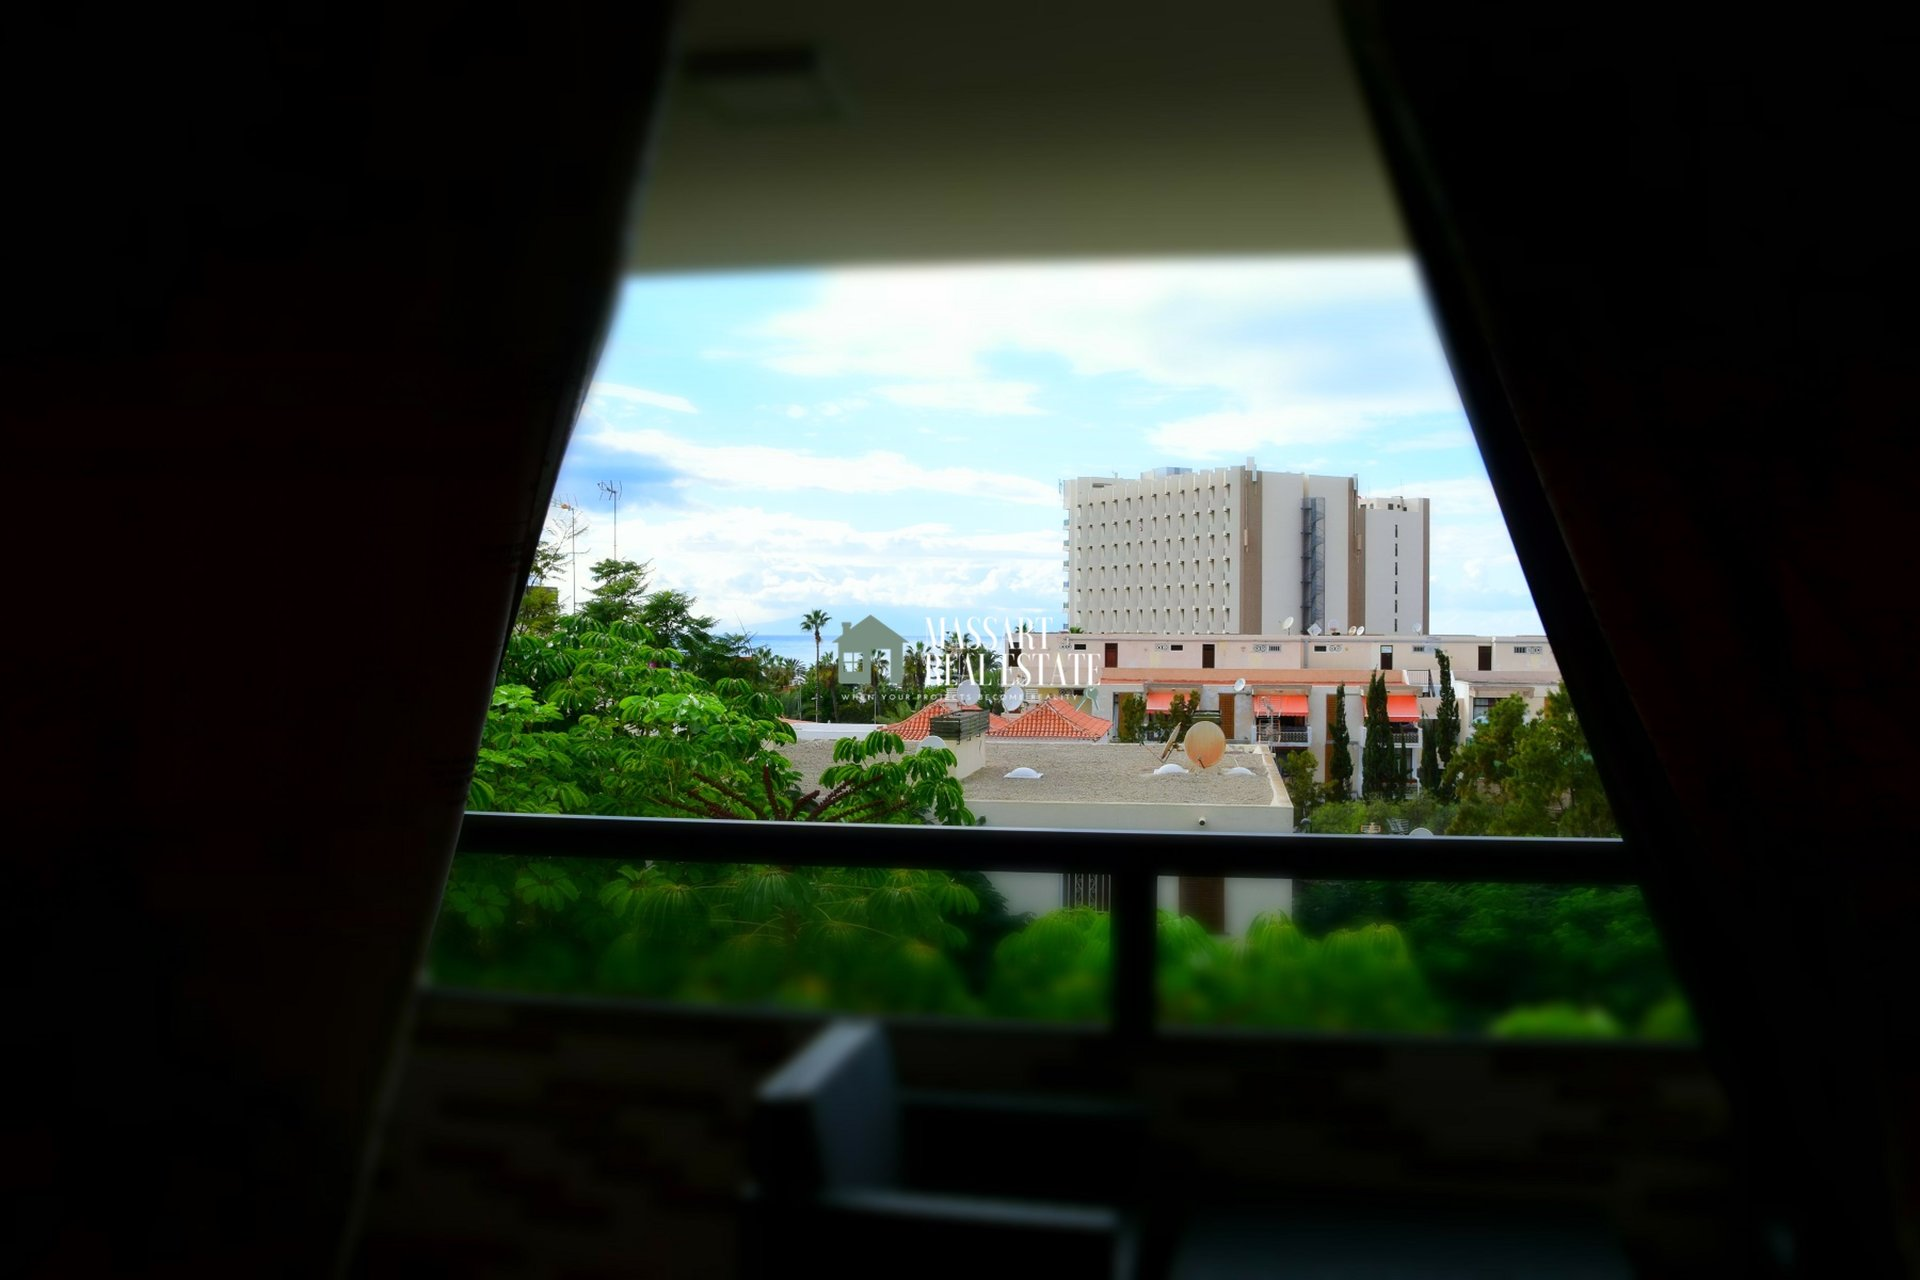 Te koop in het centrum van Las Américas, op een lage verdieping van het wooncomplex Jacaranda, een appartement van 70 m2 dat wordt gekenmerkt door zijn bijzondere stijl.